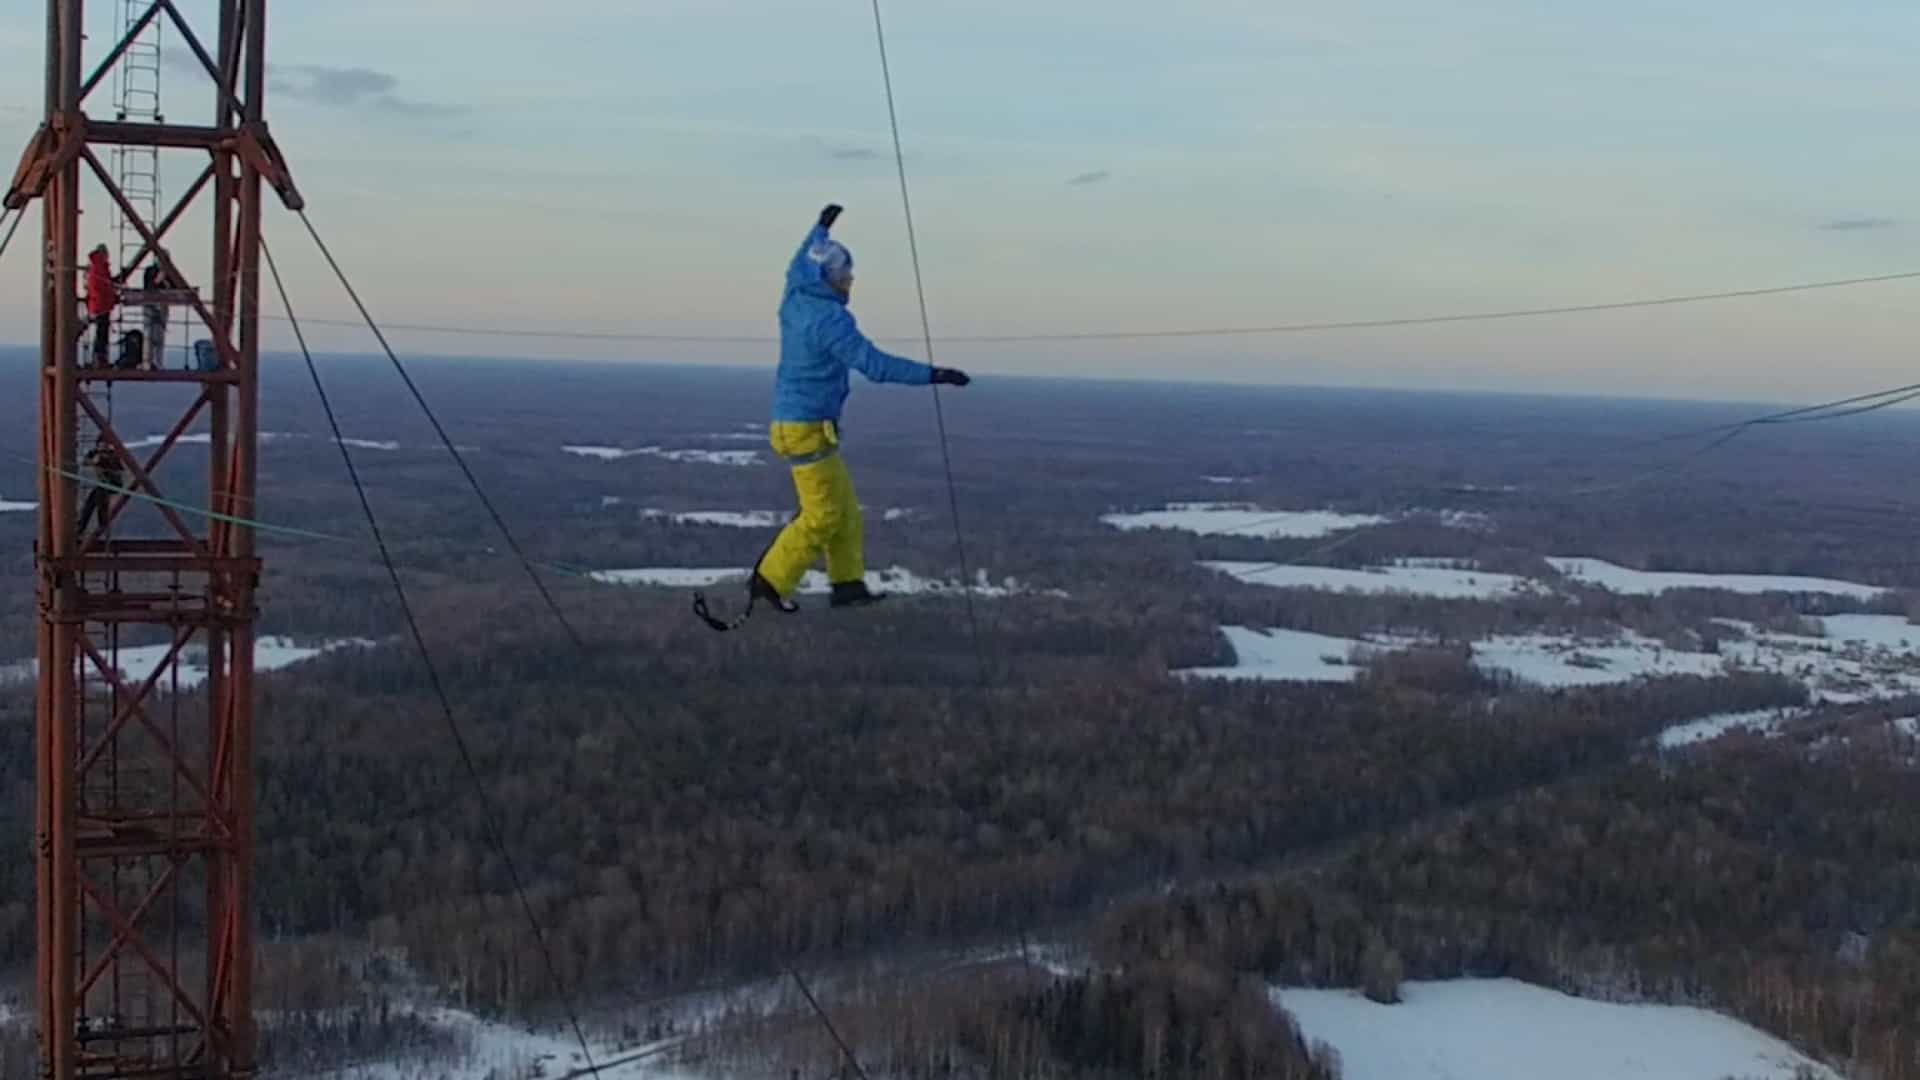 Aventureiro pratica slackline em uma das torres mais altas da Rússia